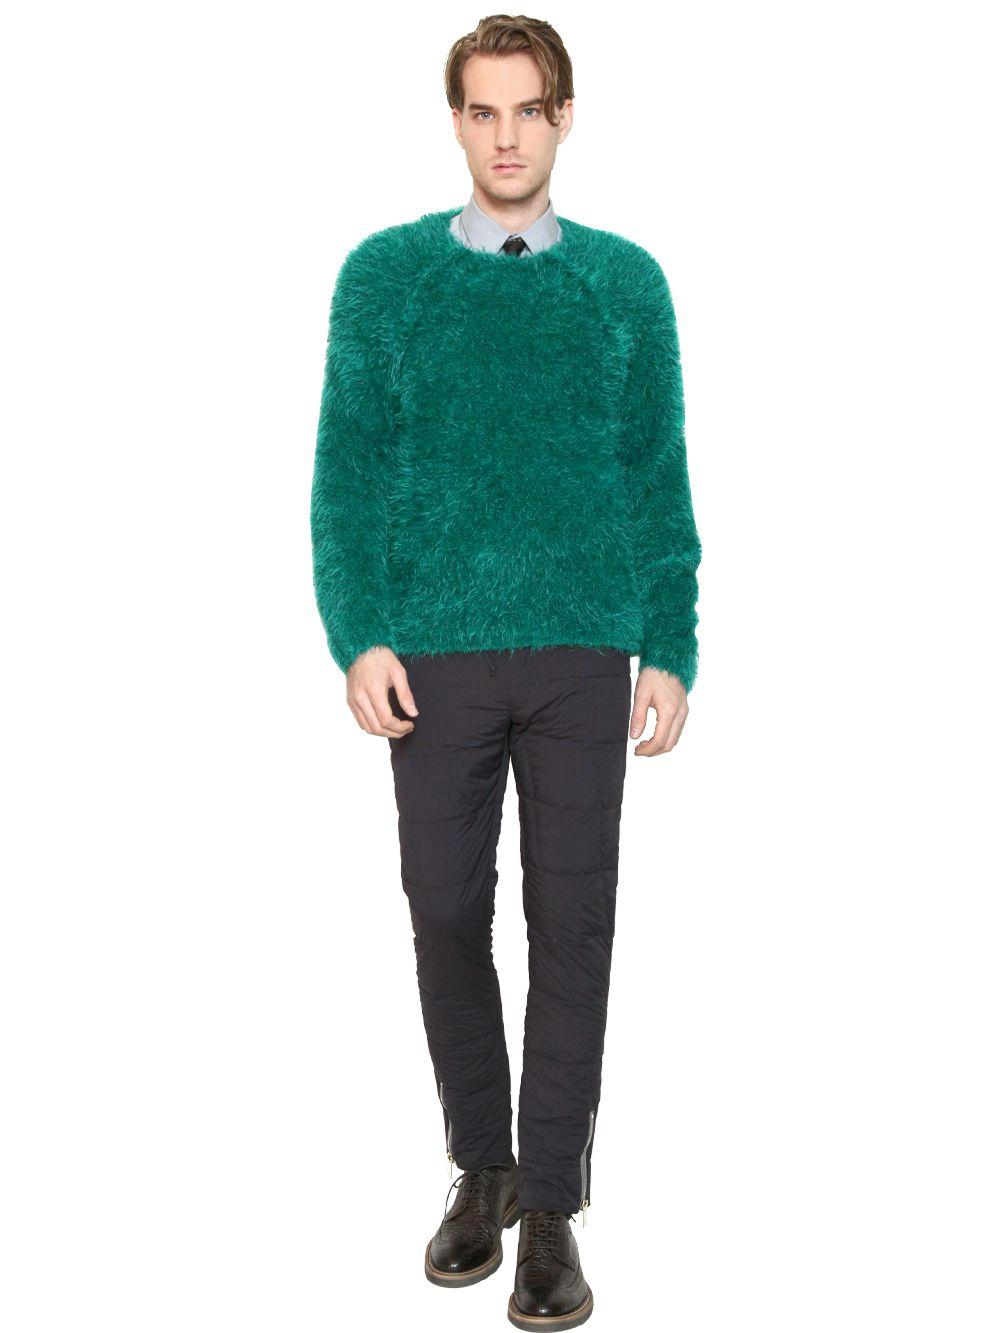 Wool Sweater Furry 45